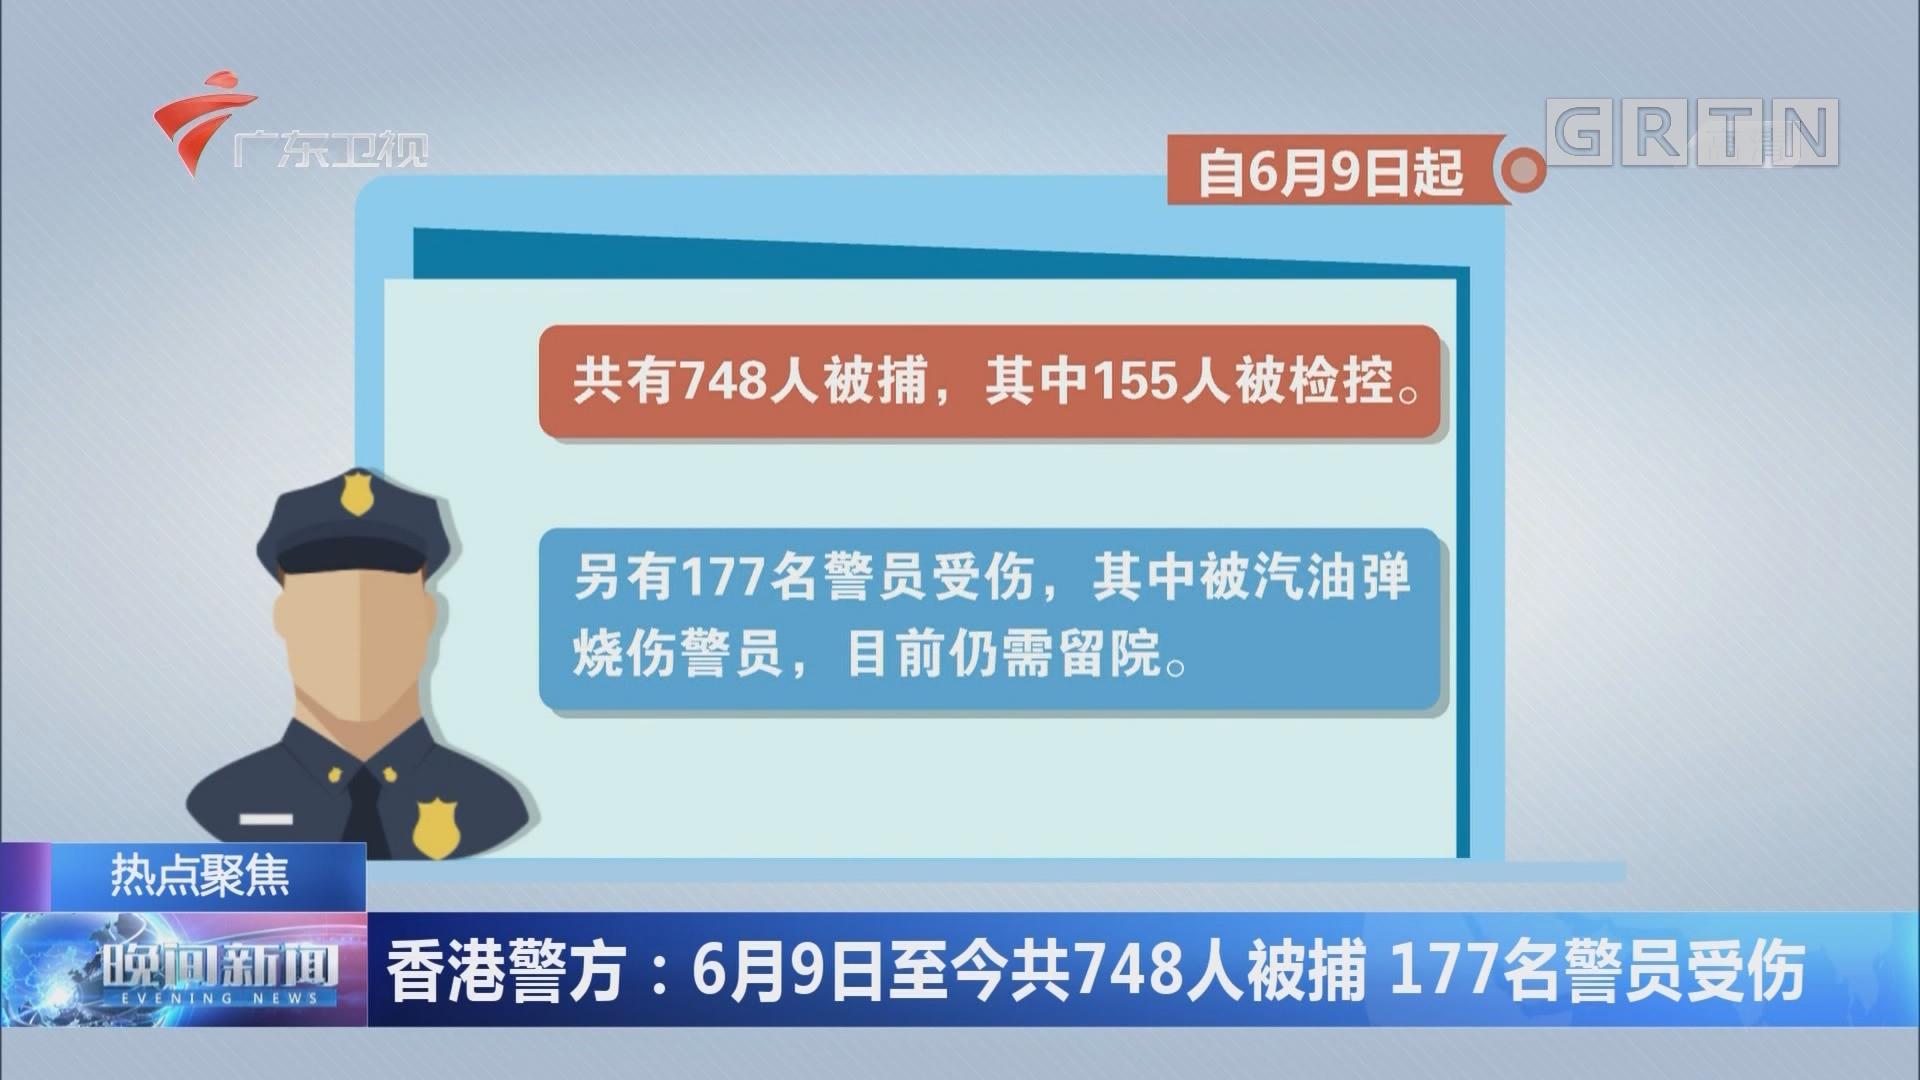 香港警方:6月9日至今共748人被捕 177名警员受伤